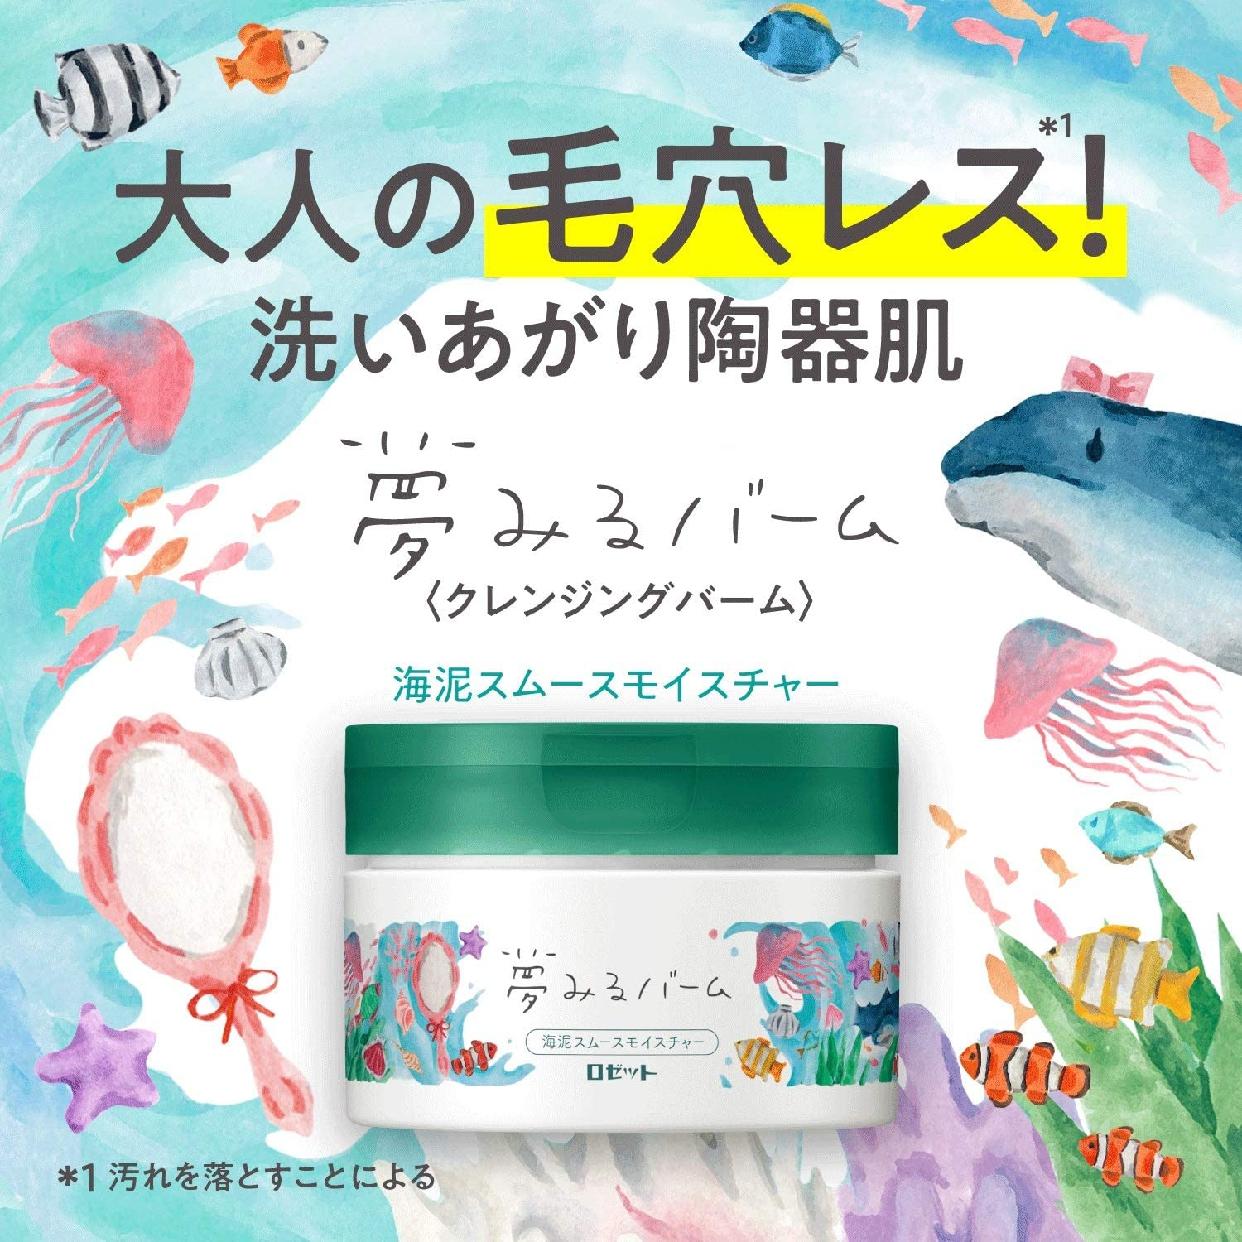 夢みるバーム 海泥スムースモイスチャーの商品画像4